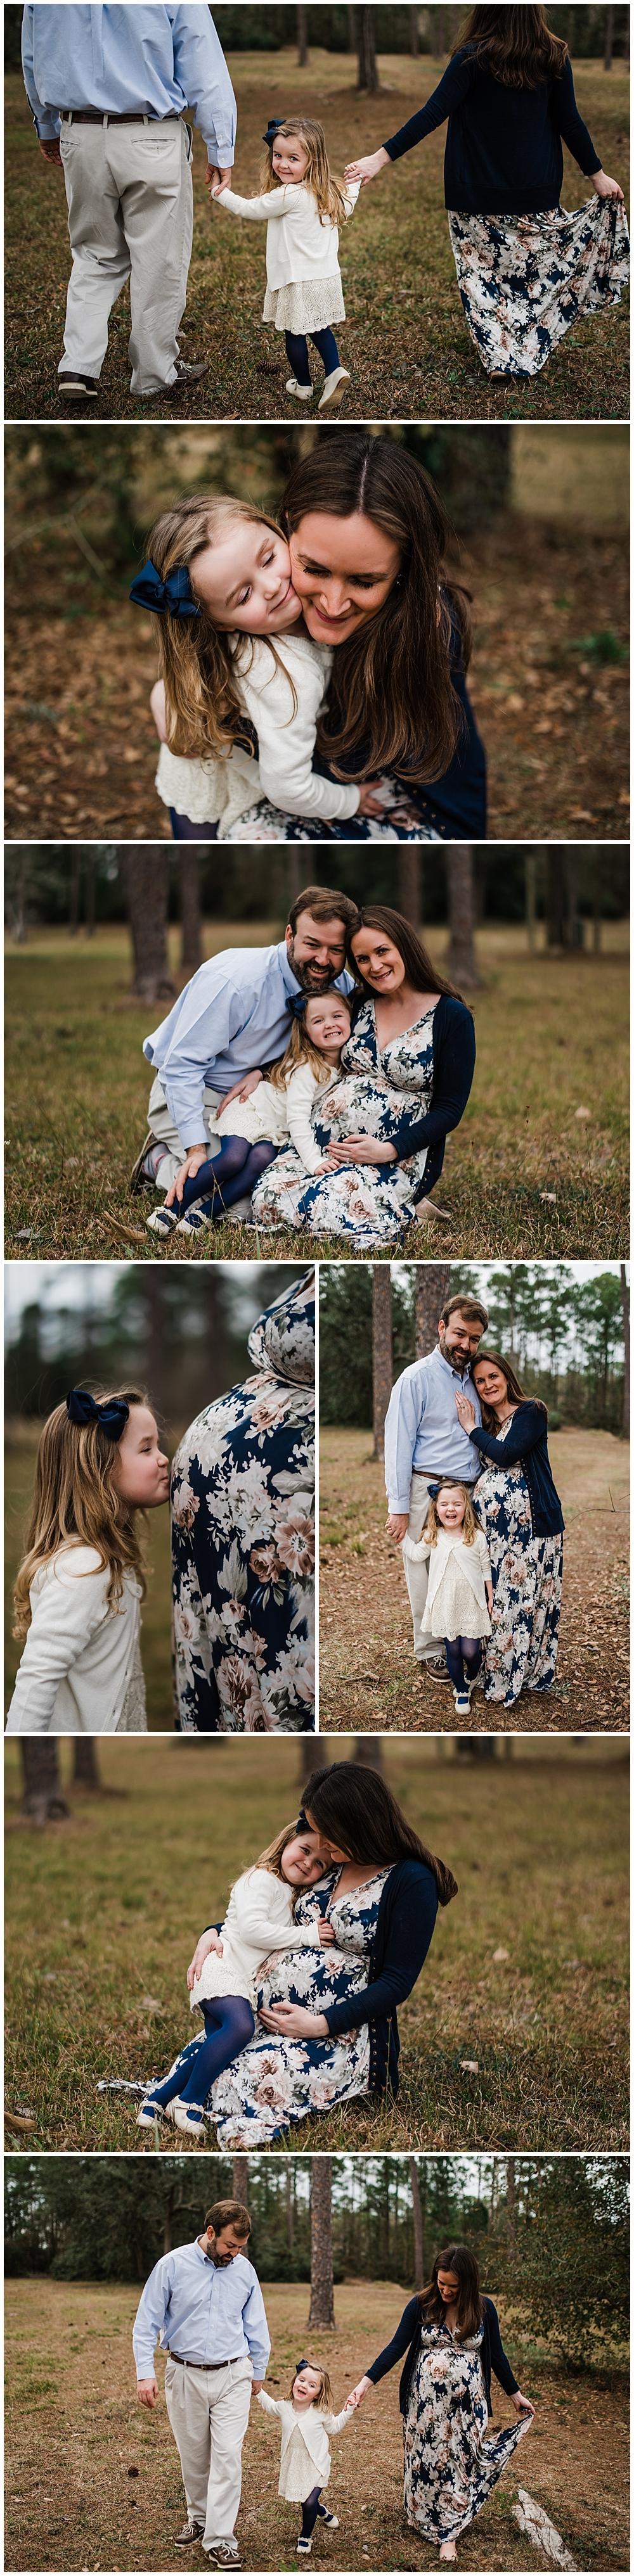 family maternity photos in Biloxi